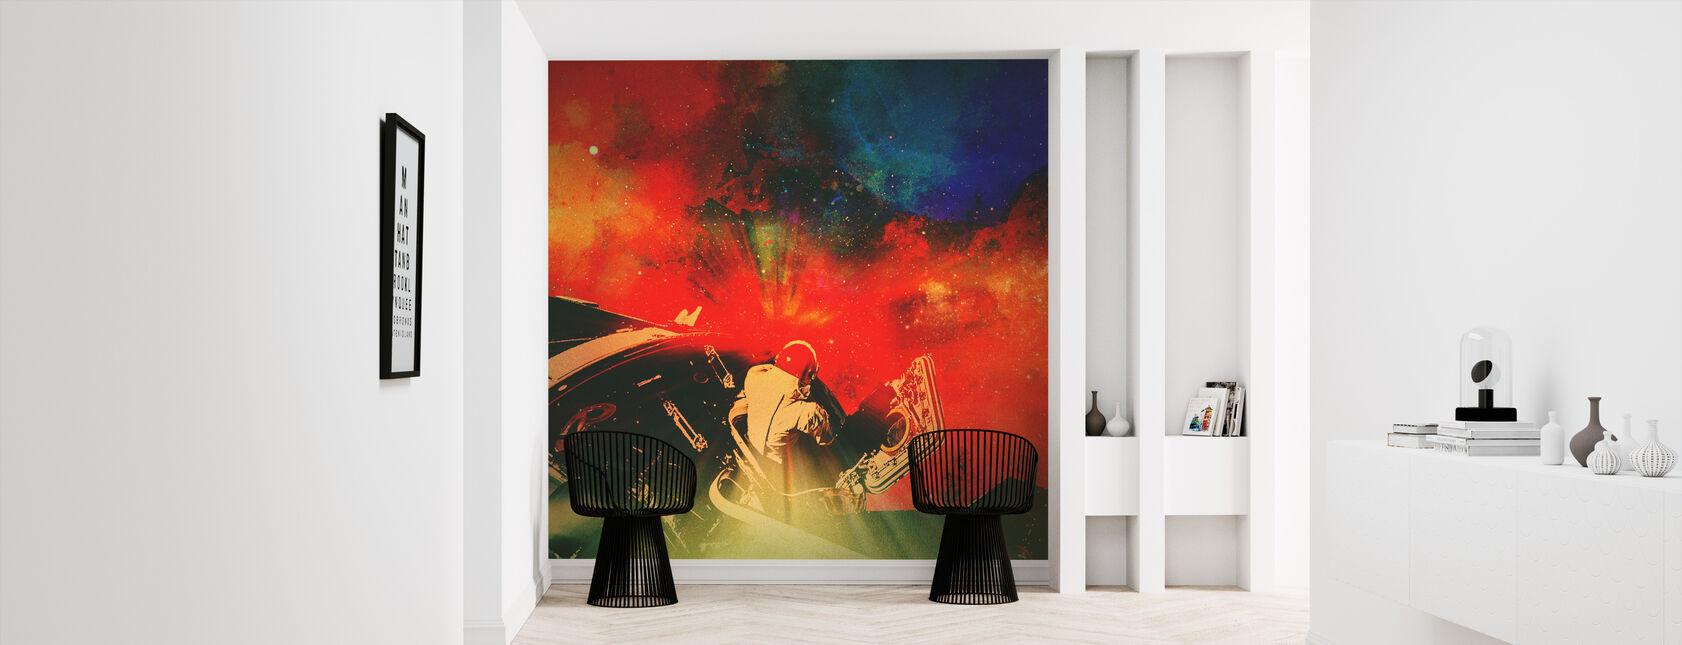 Psychonaut - Wallpaper - Hallway